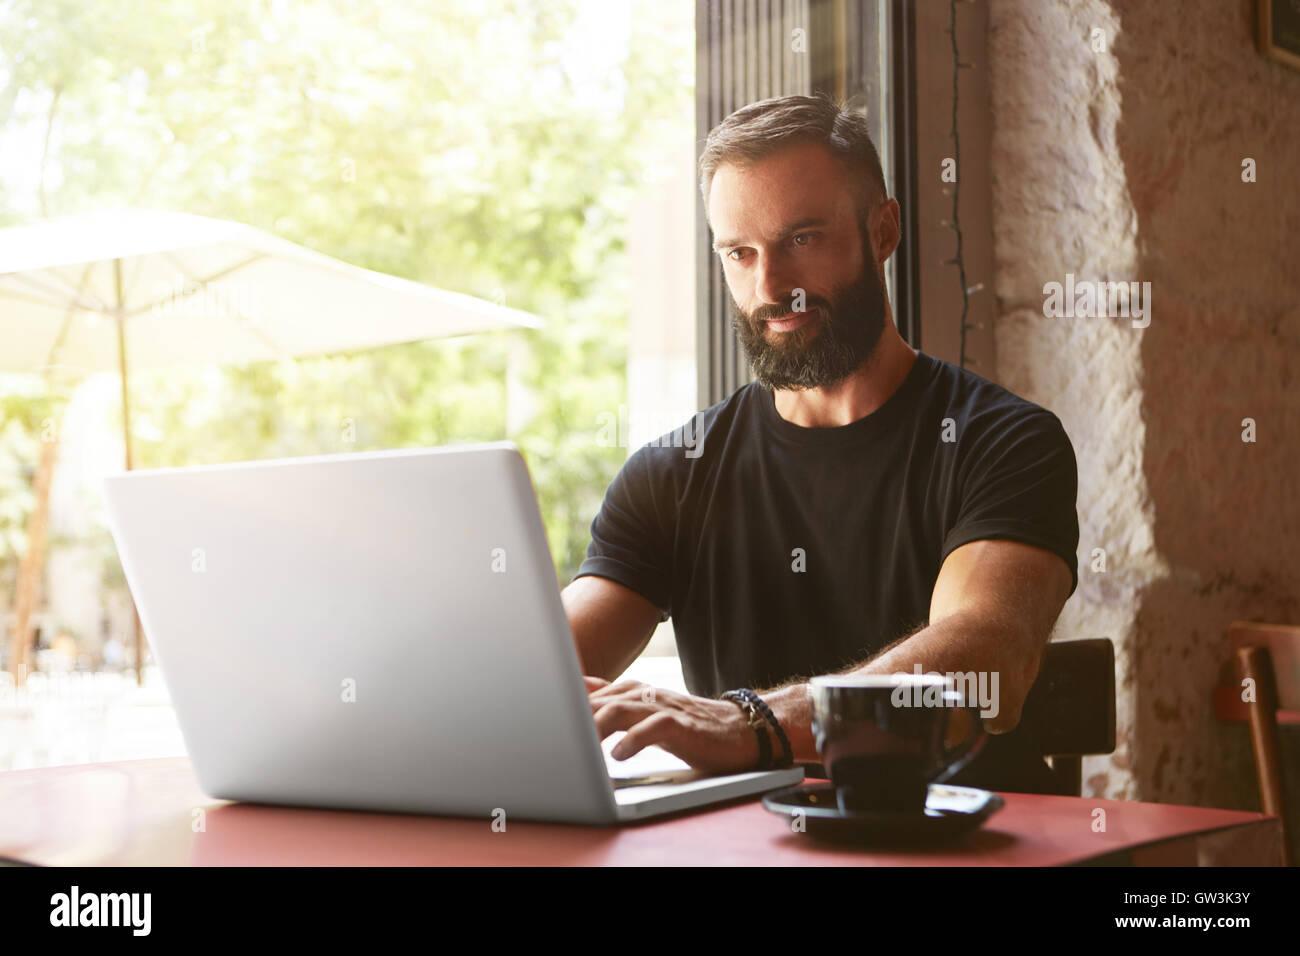 Guapo empresario barbudo vistiendo negro Tshirt portátil de trabajo Tabla de madera Urban Cafe.Joven Manager Imagen De Stock